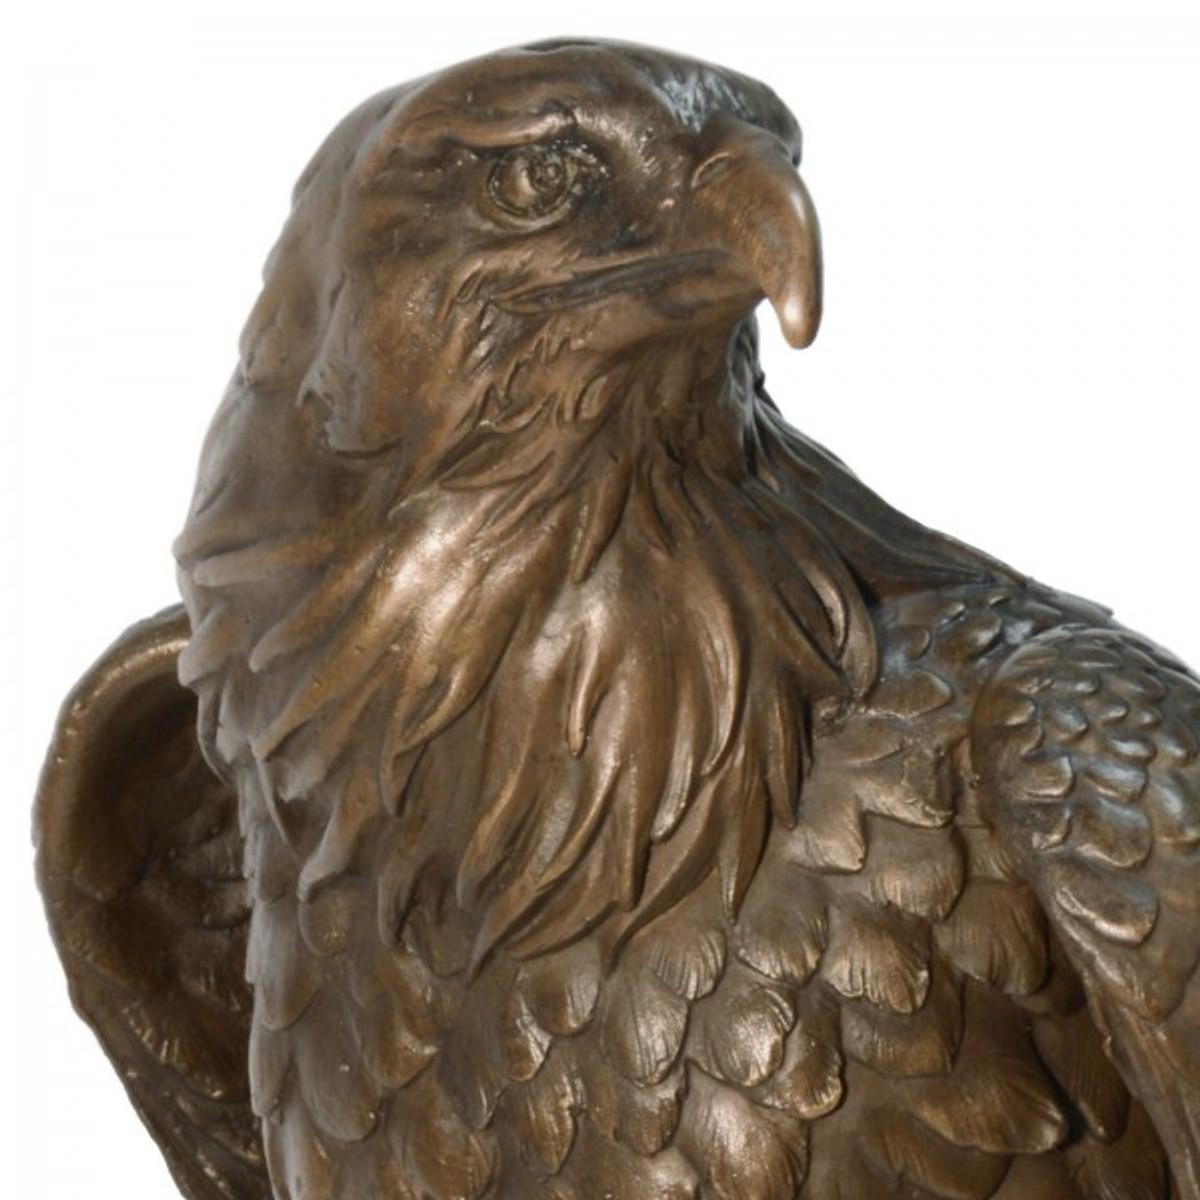 Adler Tierfigur aus Bronze als kultivierte Tier Skulptur eine kostbare Deko Statue.